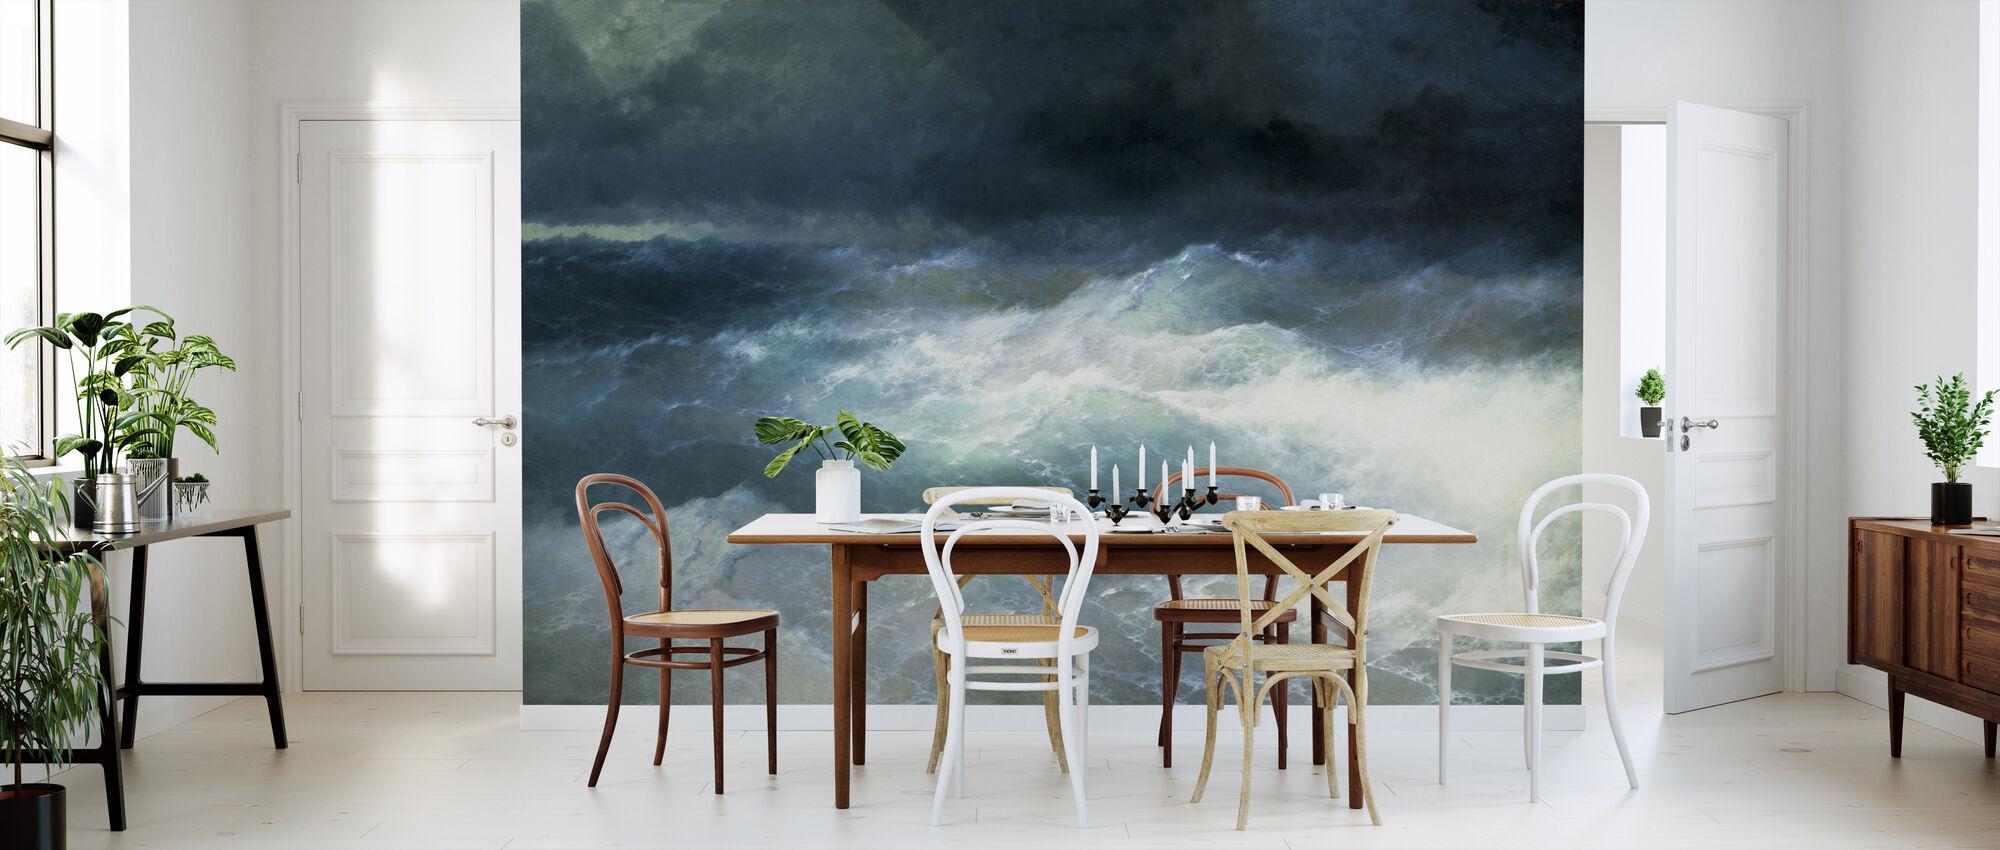 Between the Waves - Ivan Aivazovsky - Wallpaper - Kitchen